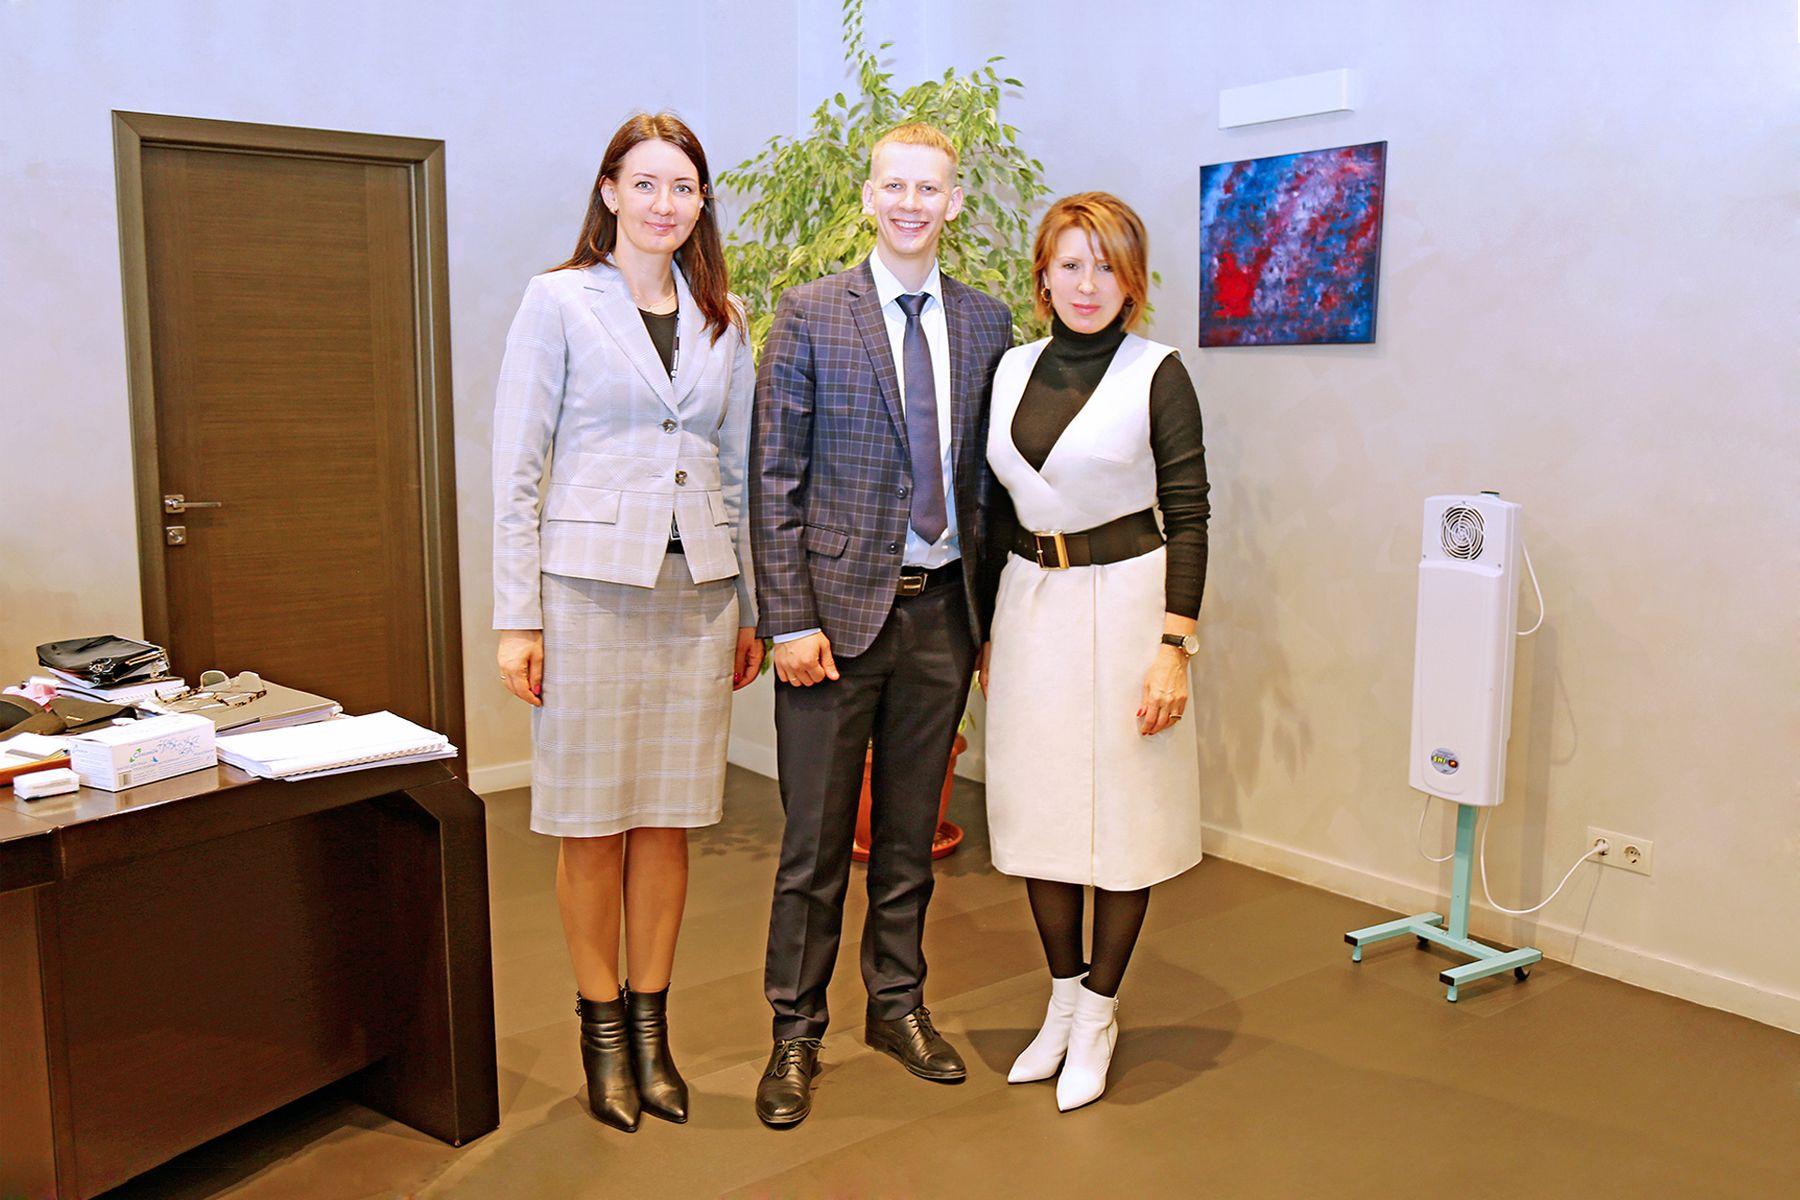 ВГУЭС и филиал Газпромбанка «Дальневосточный» подписали договор о реализации зарплатного проекта